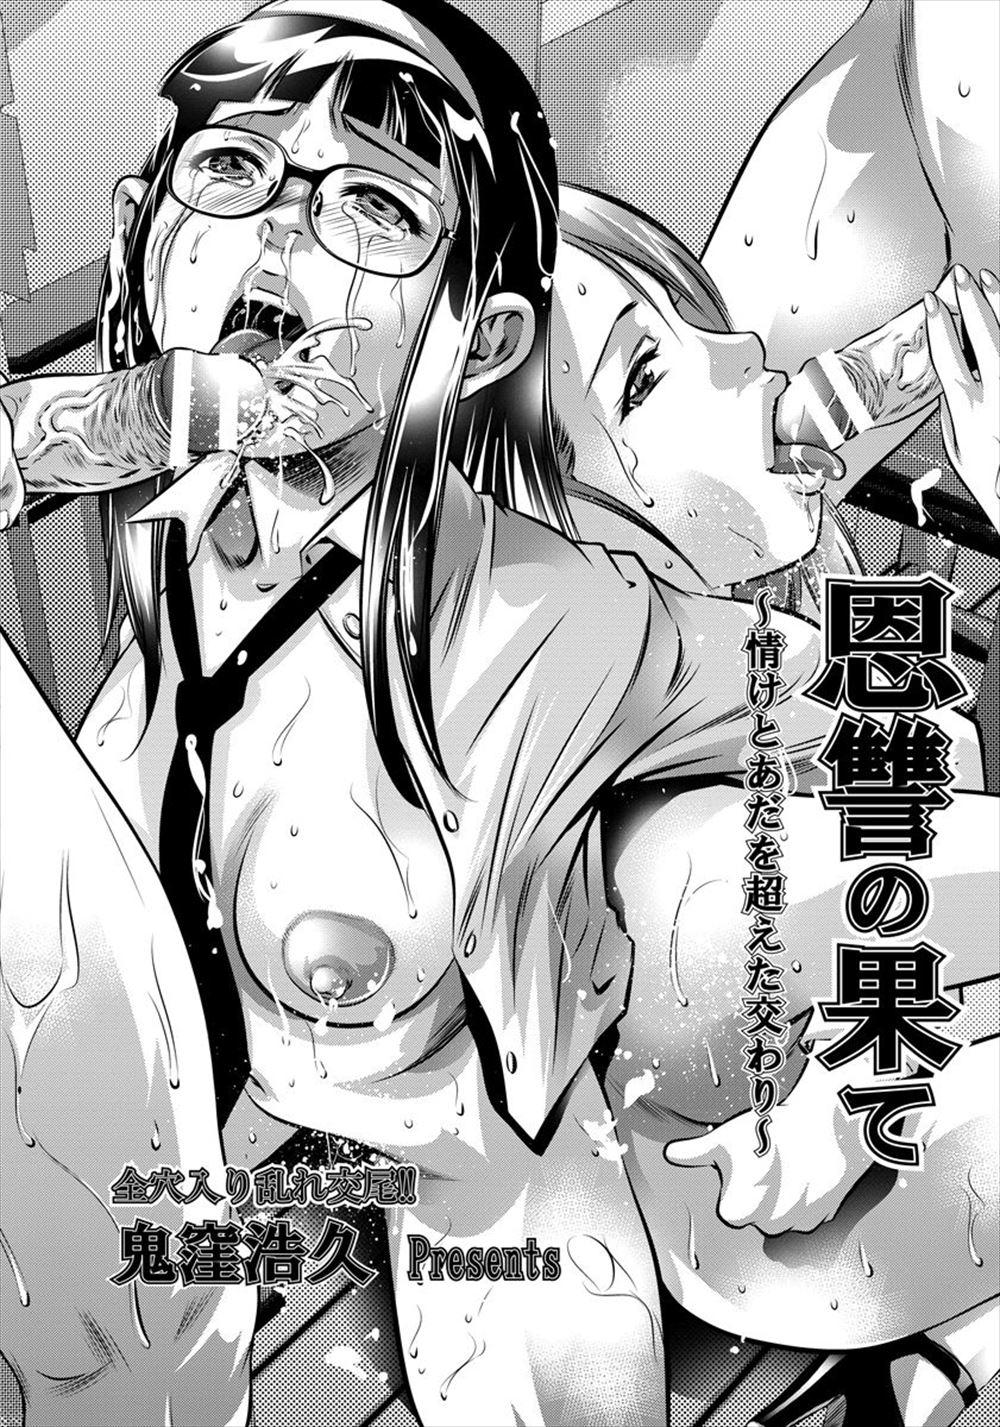 【エッチ漫画】生徒に弱みを握られた女先生が蹂躙され身代わりに優等生を誘い出し集団で強姦される!